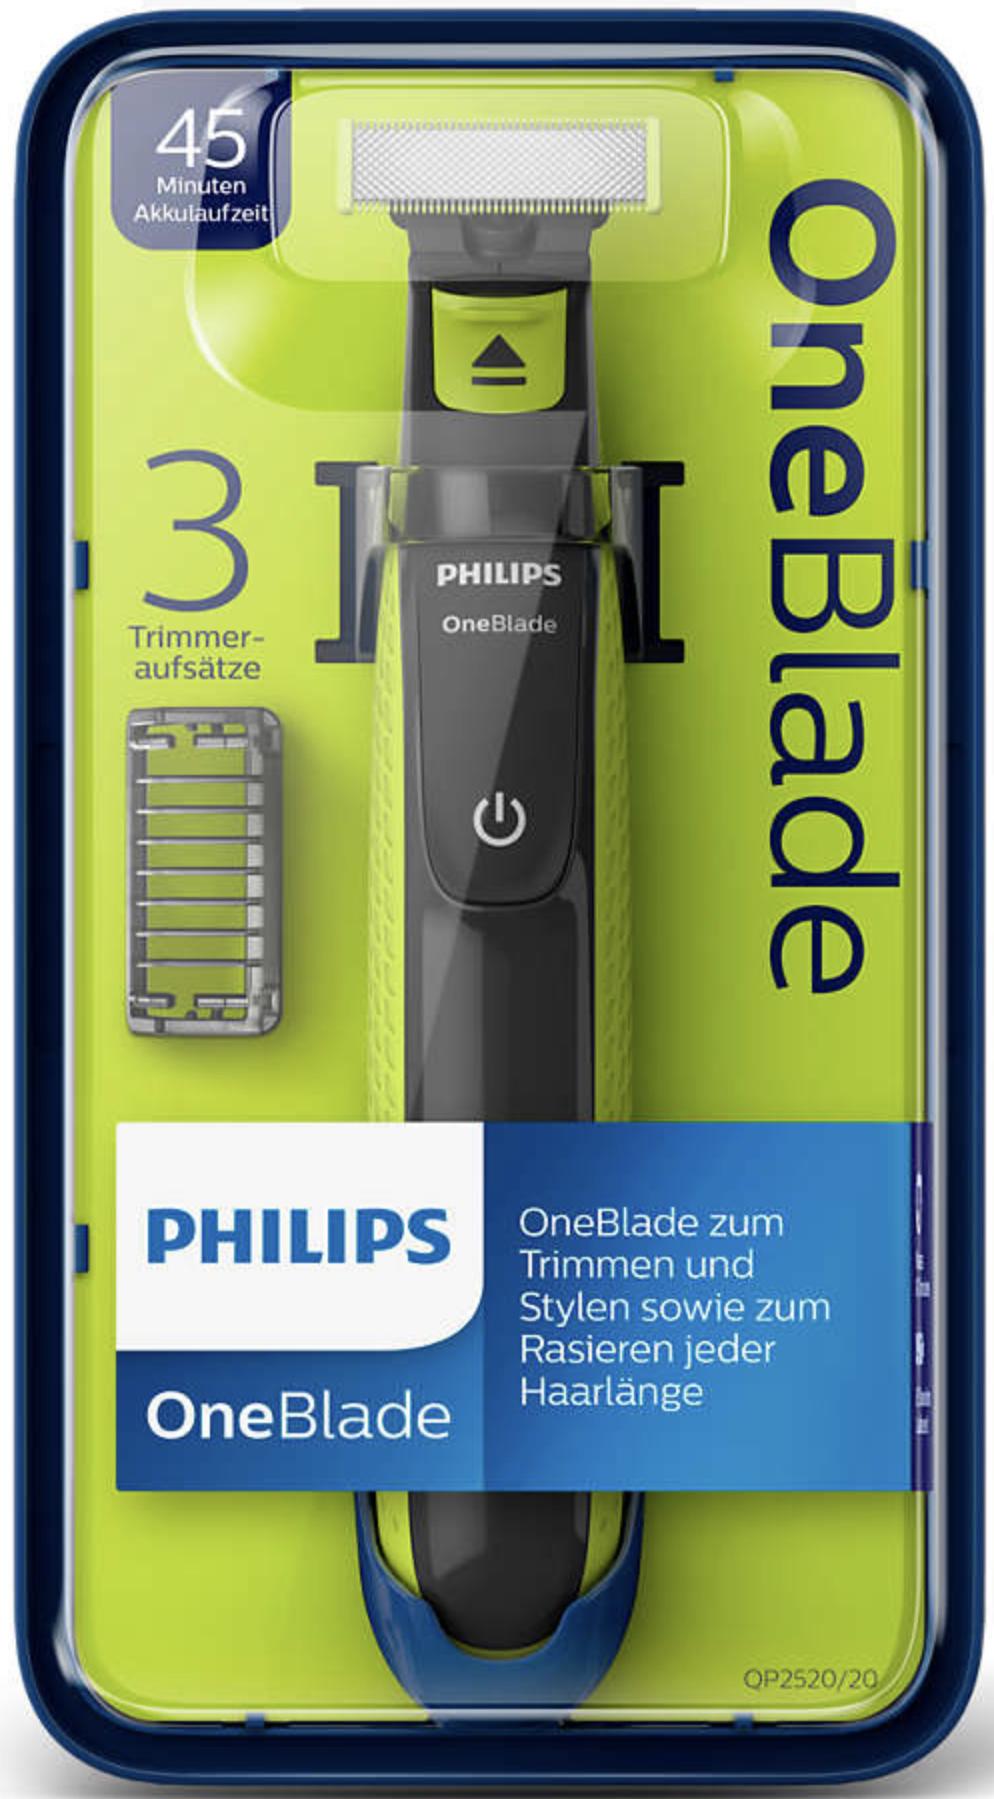 PHILIPS OneBlade QP2520/20 Trimmer Rasierer 3 Trimmeraufsätze (evtl. leichte Verpackungsmängel) für 22,99€ inkl. Versandkosten